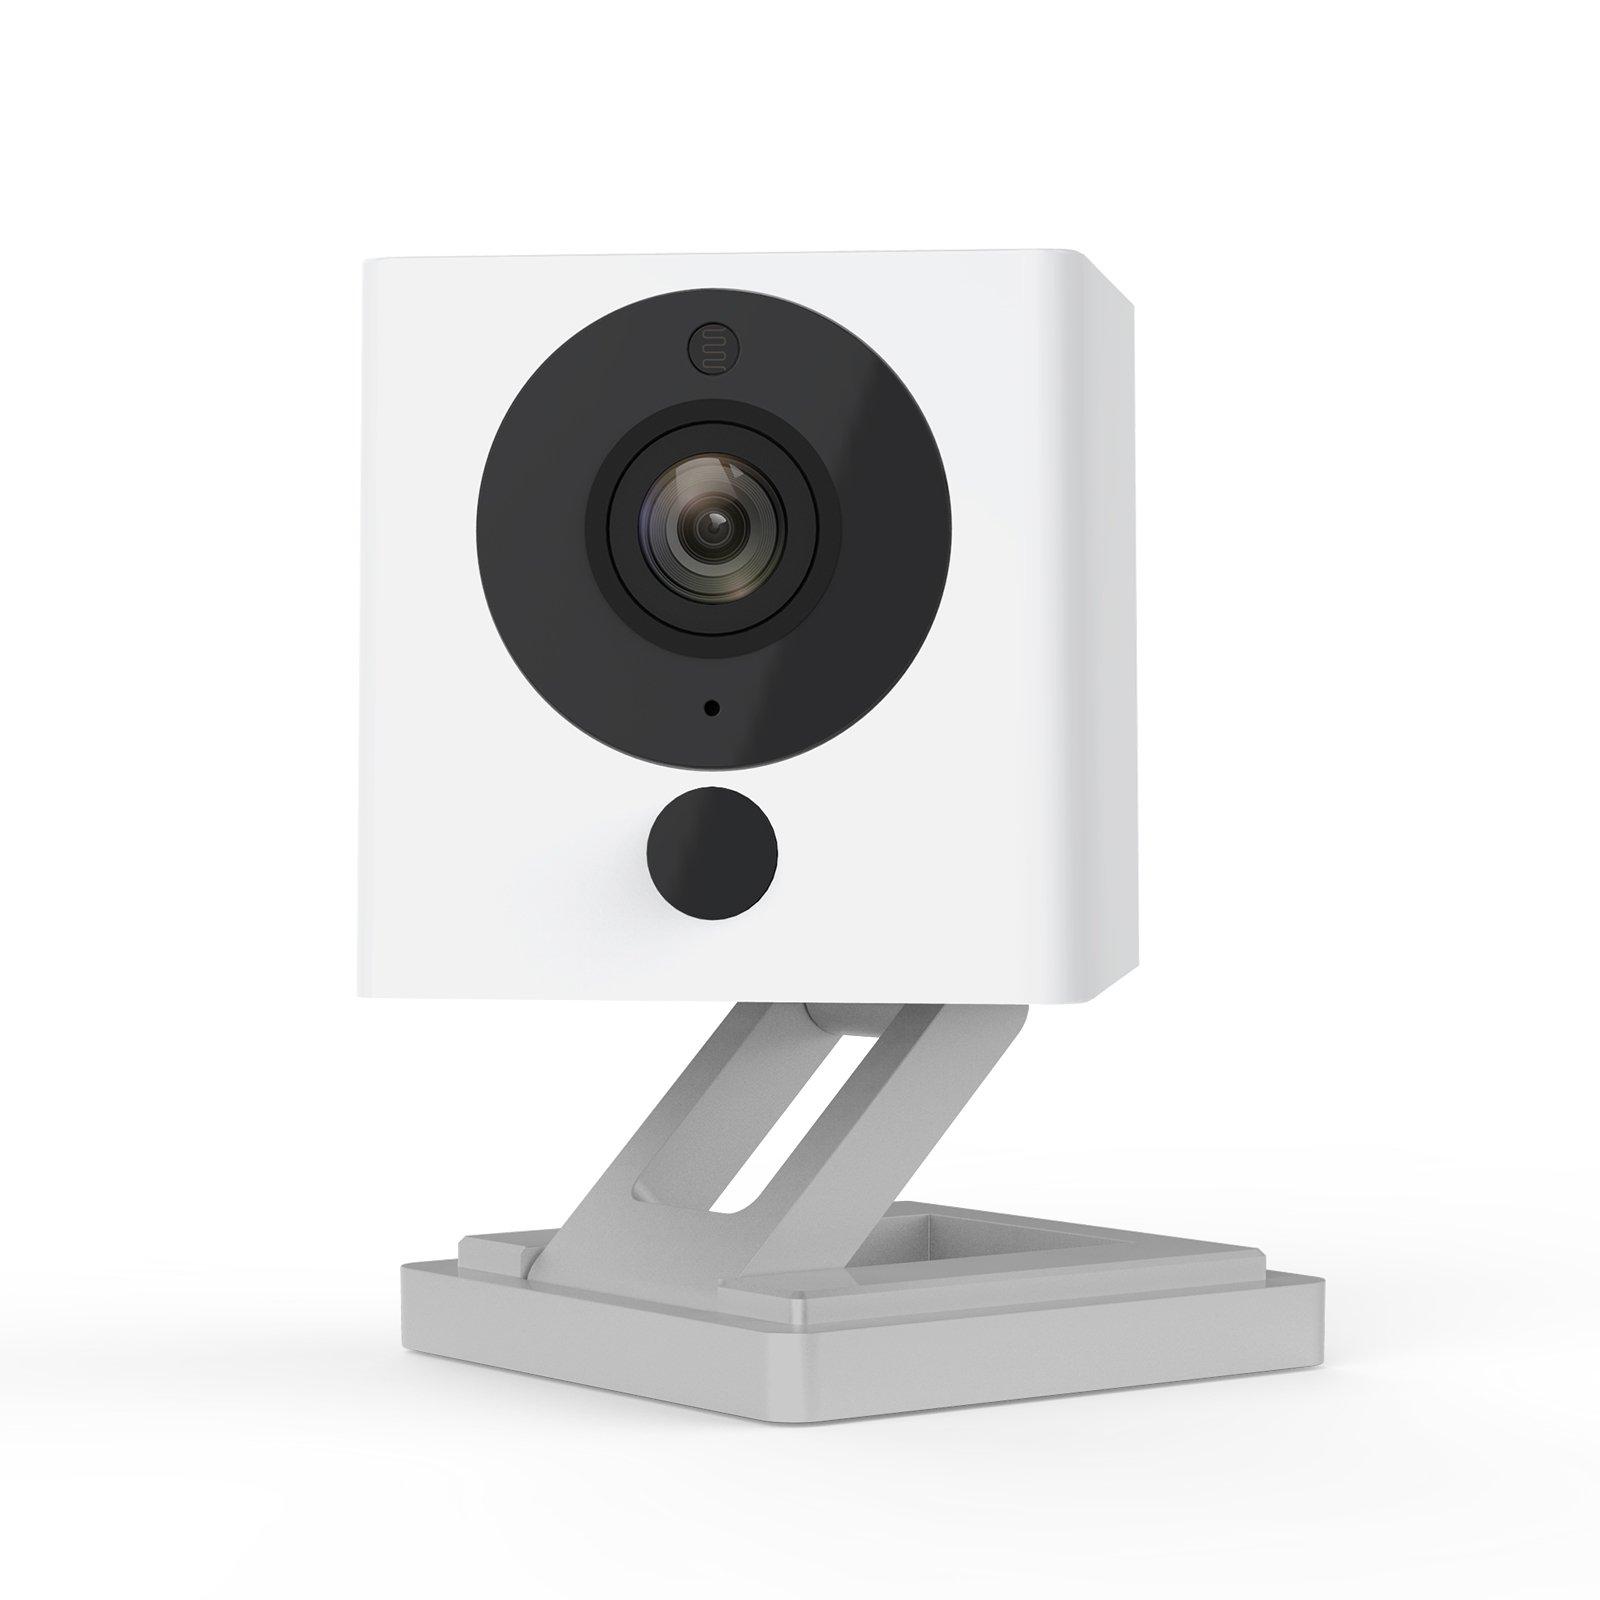 كاميرا واي فاي المنزلية اللاسلكية واي فاي